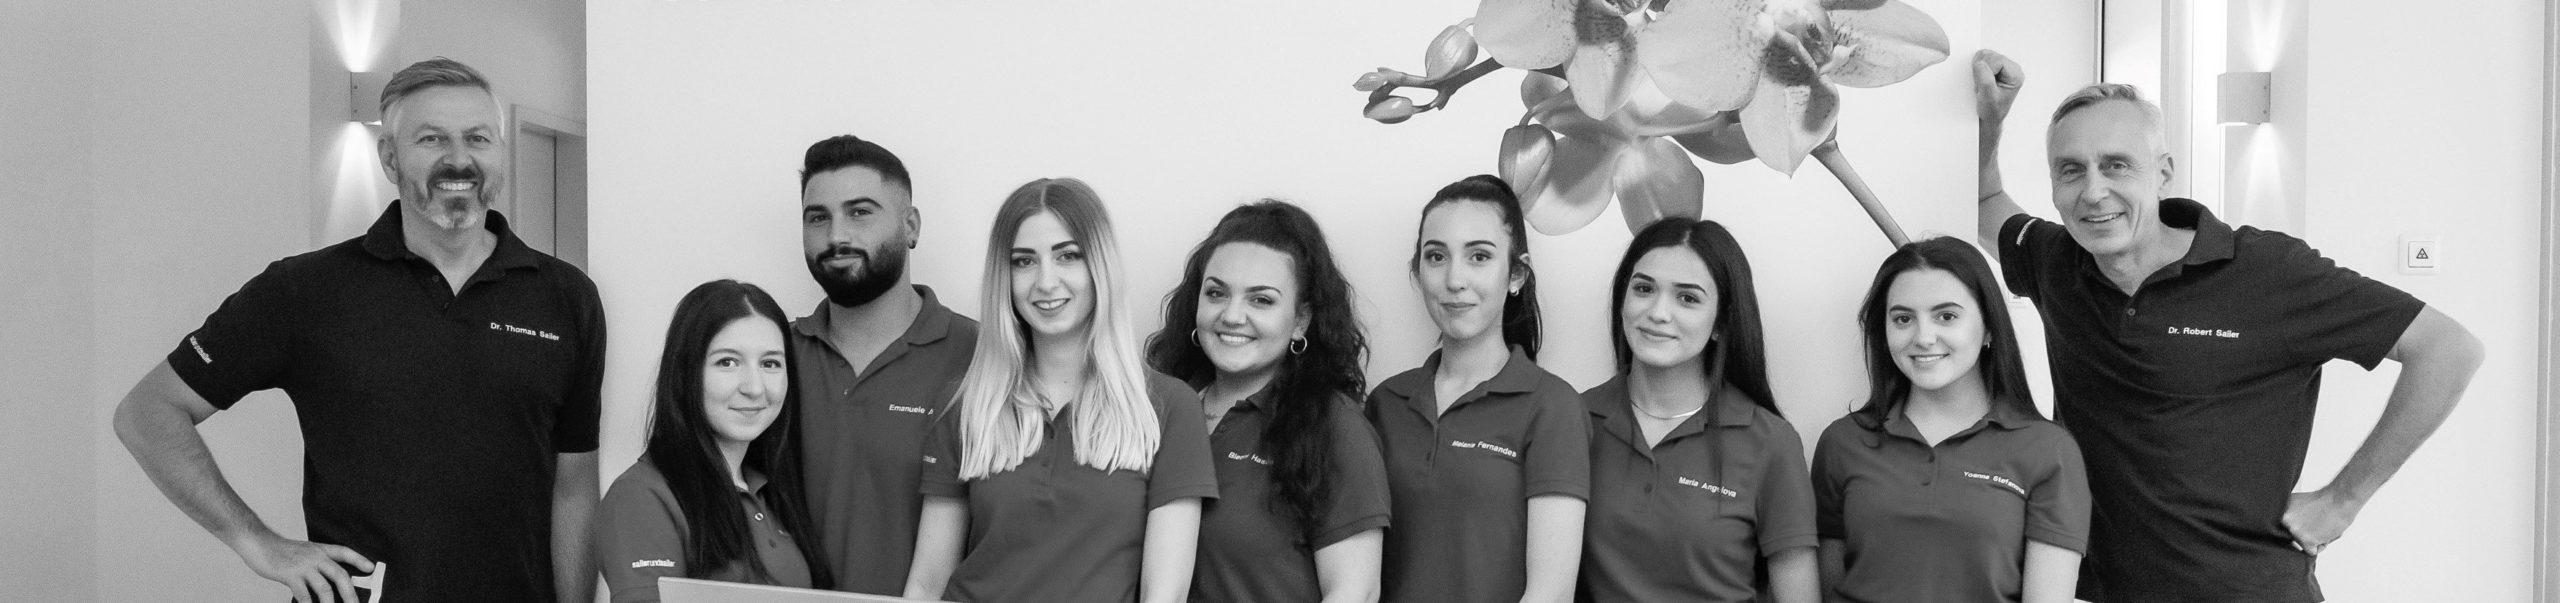 Zahnarzt Praxis Team